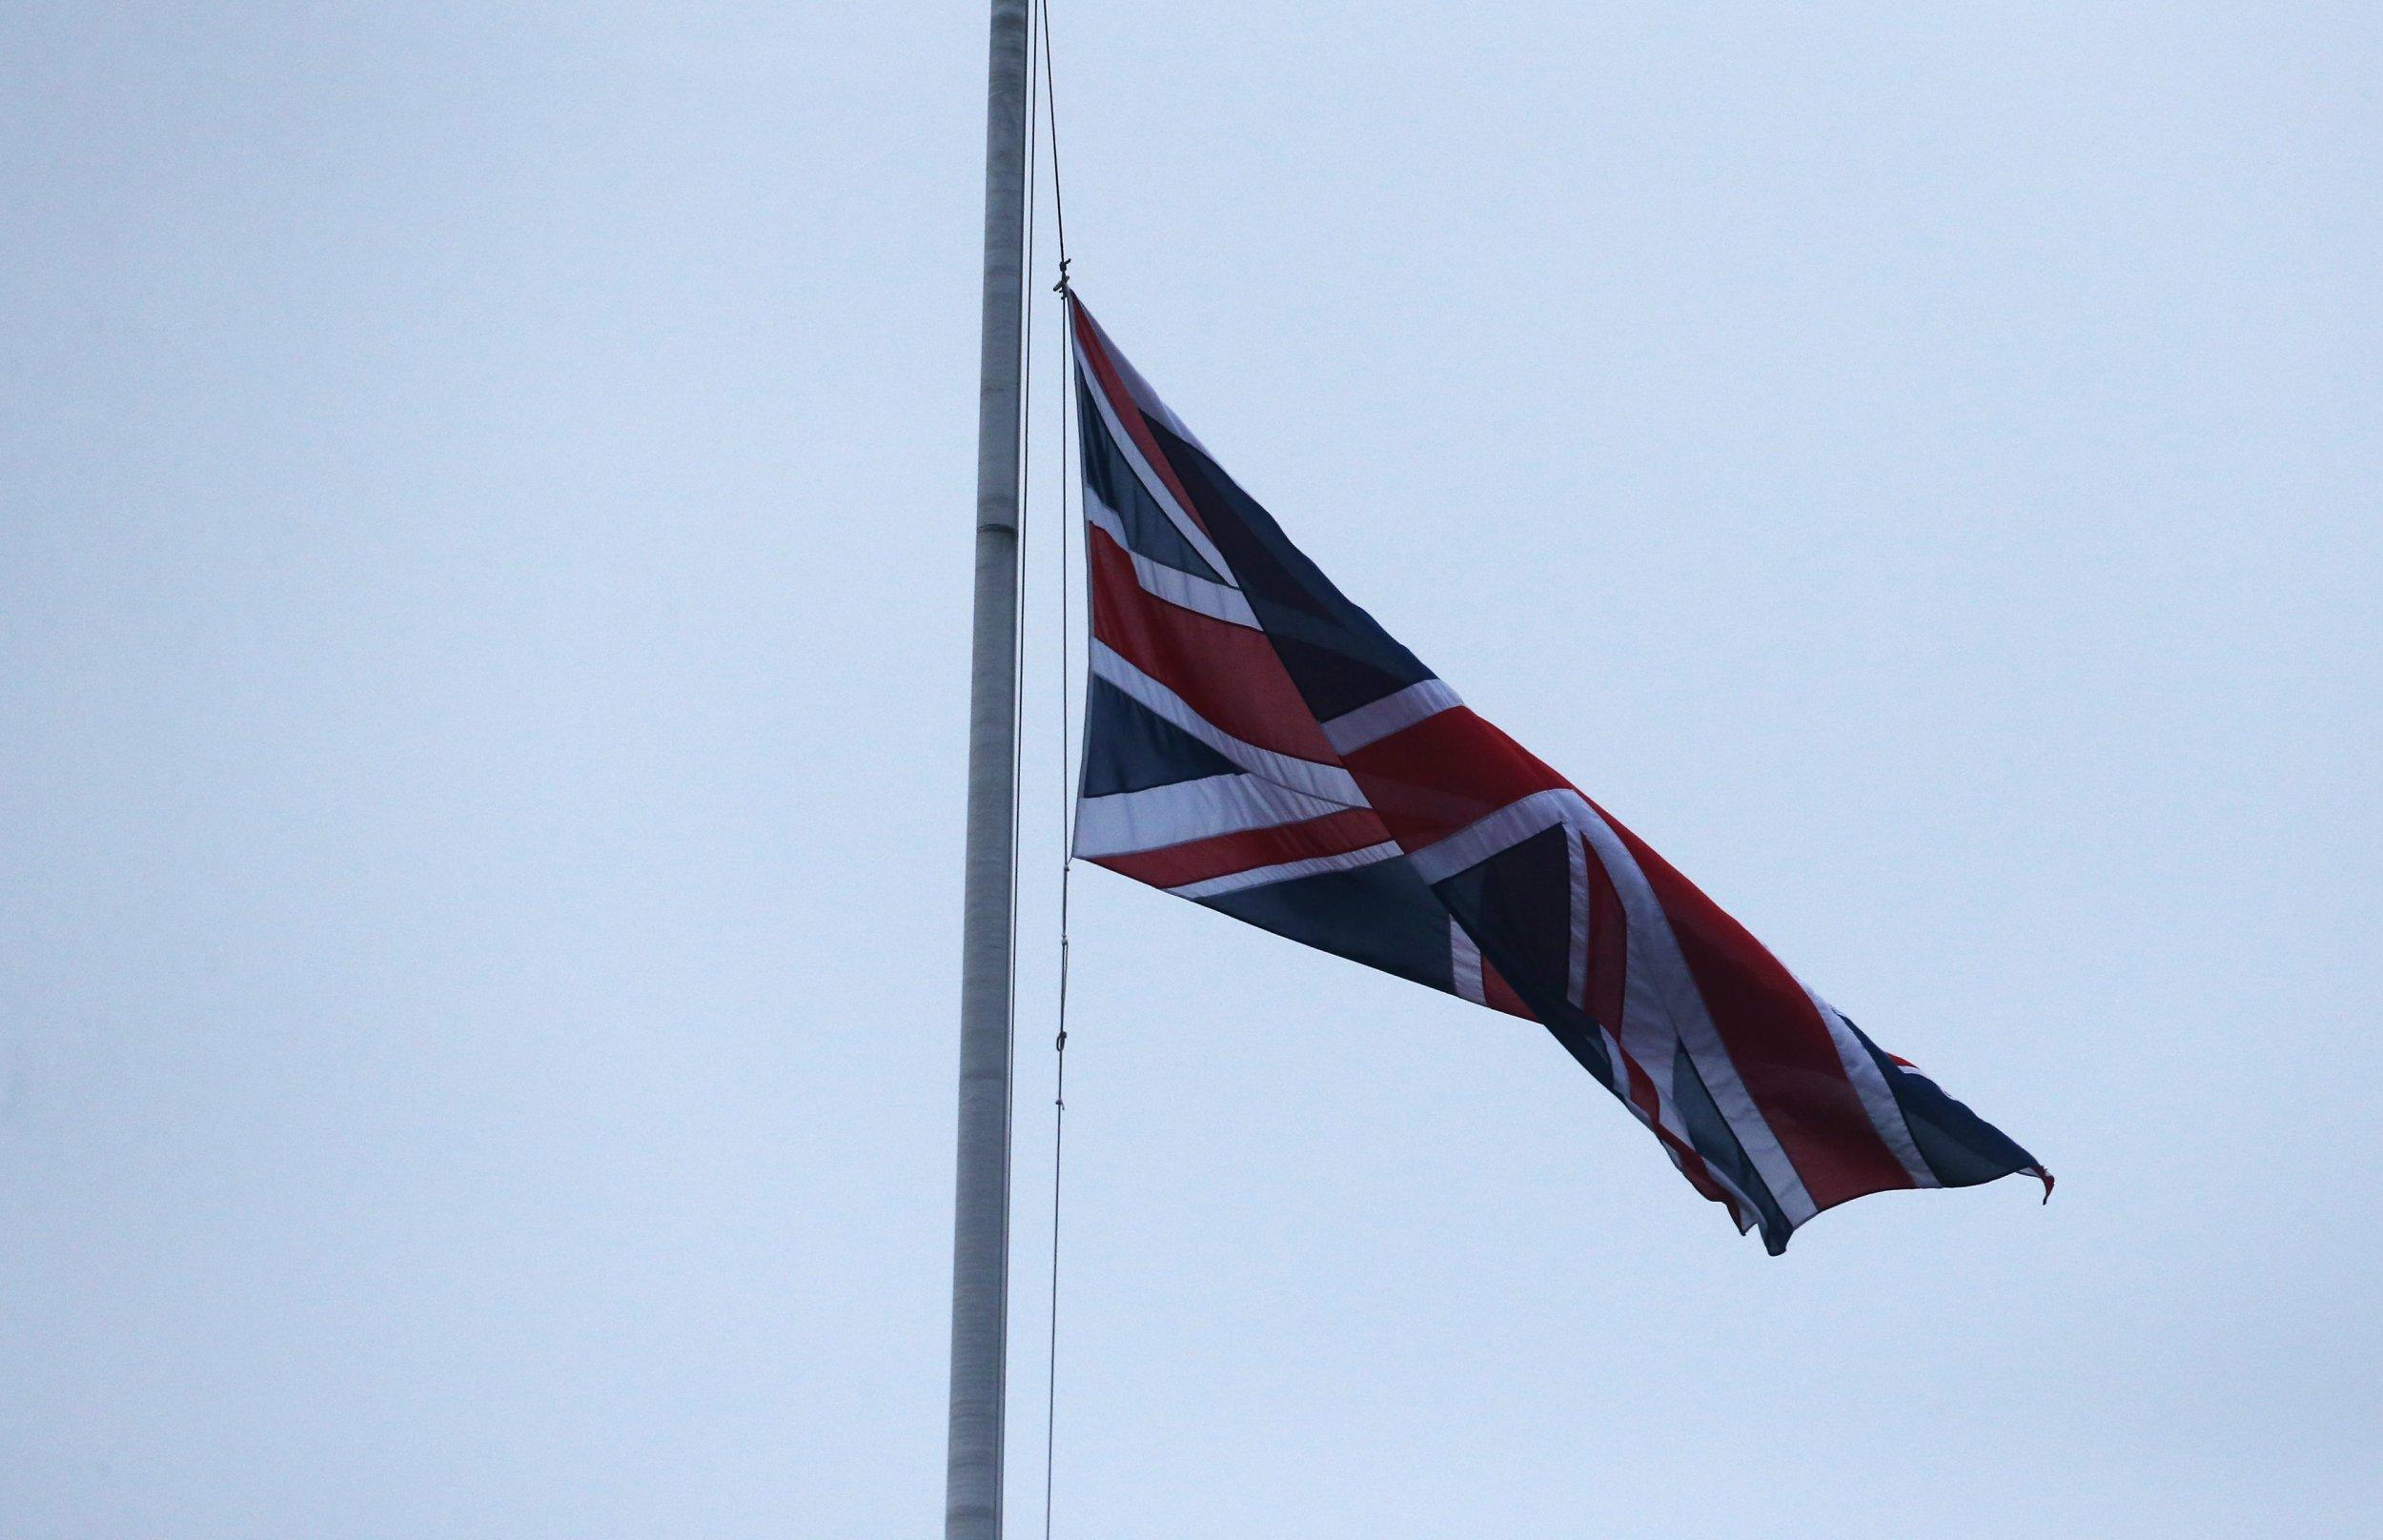 UK flag half mast